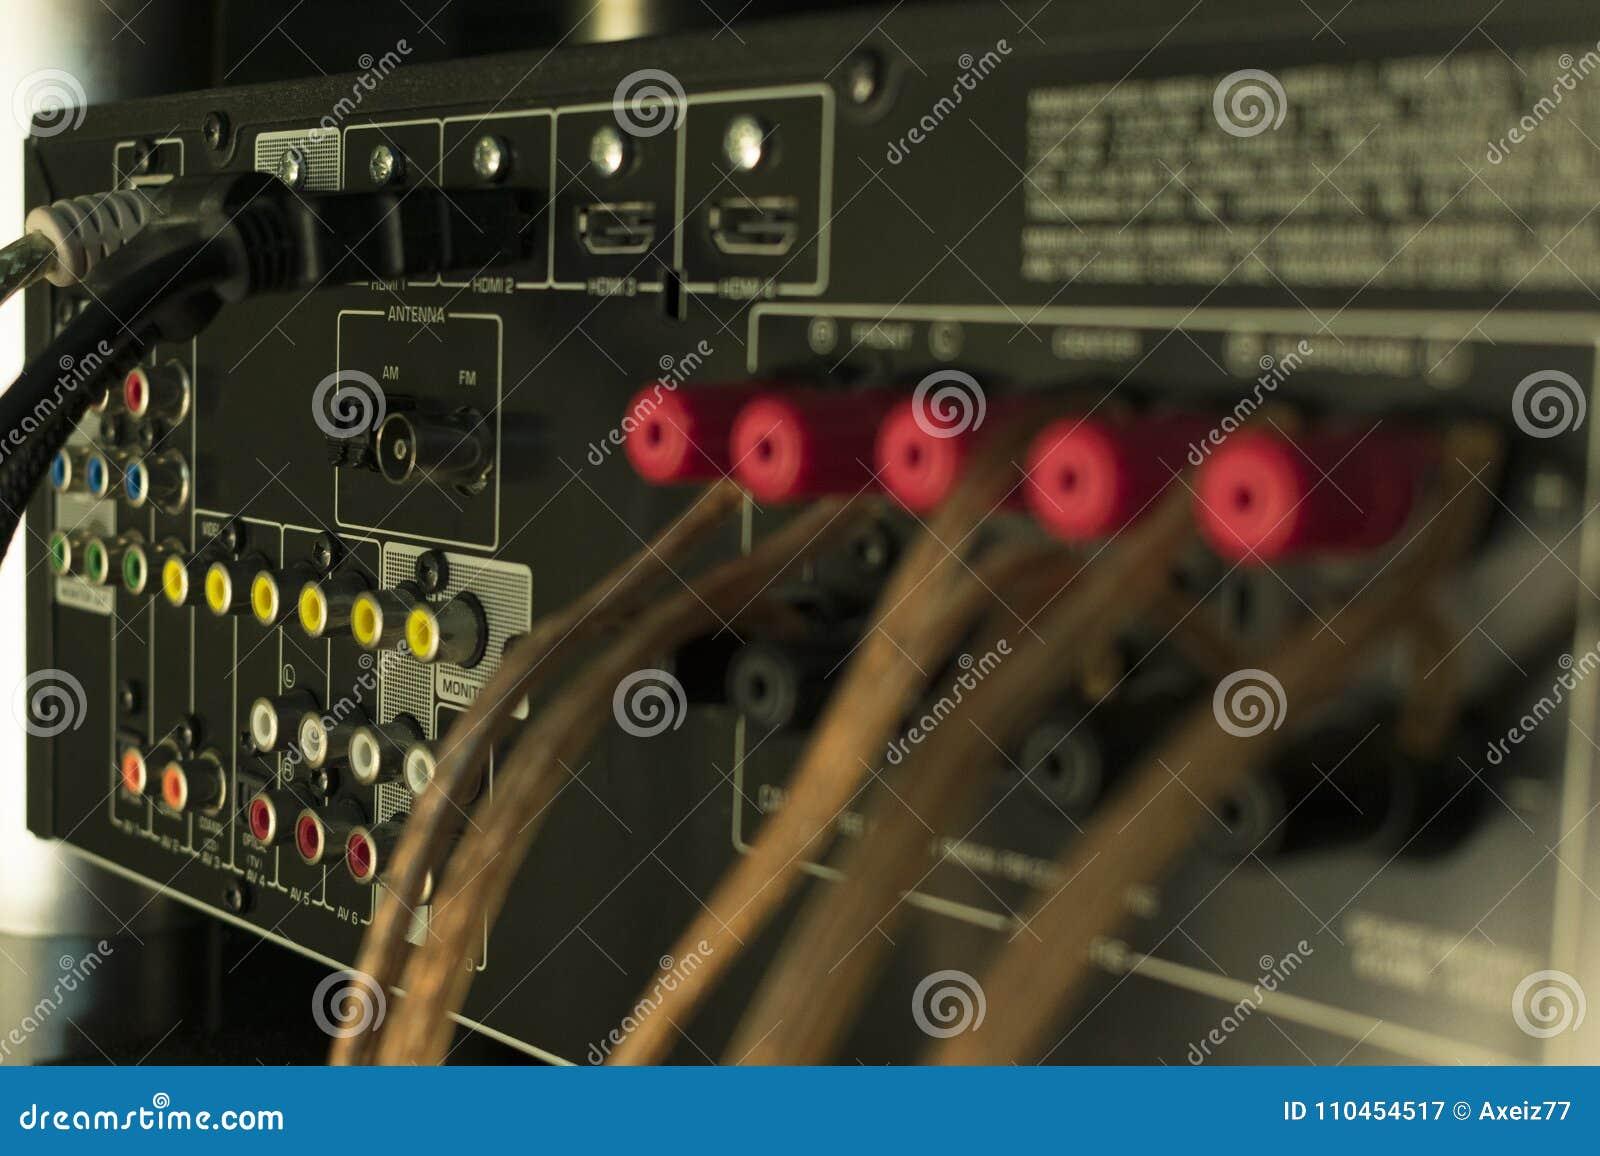 Тональнозвуковые соединители на приемнике аудиосистемы